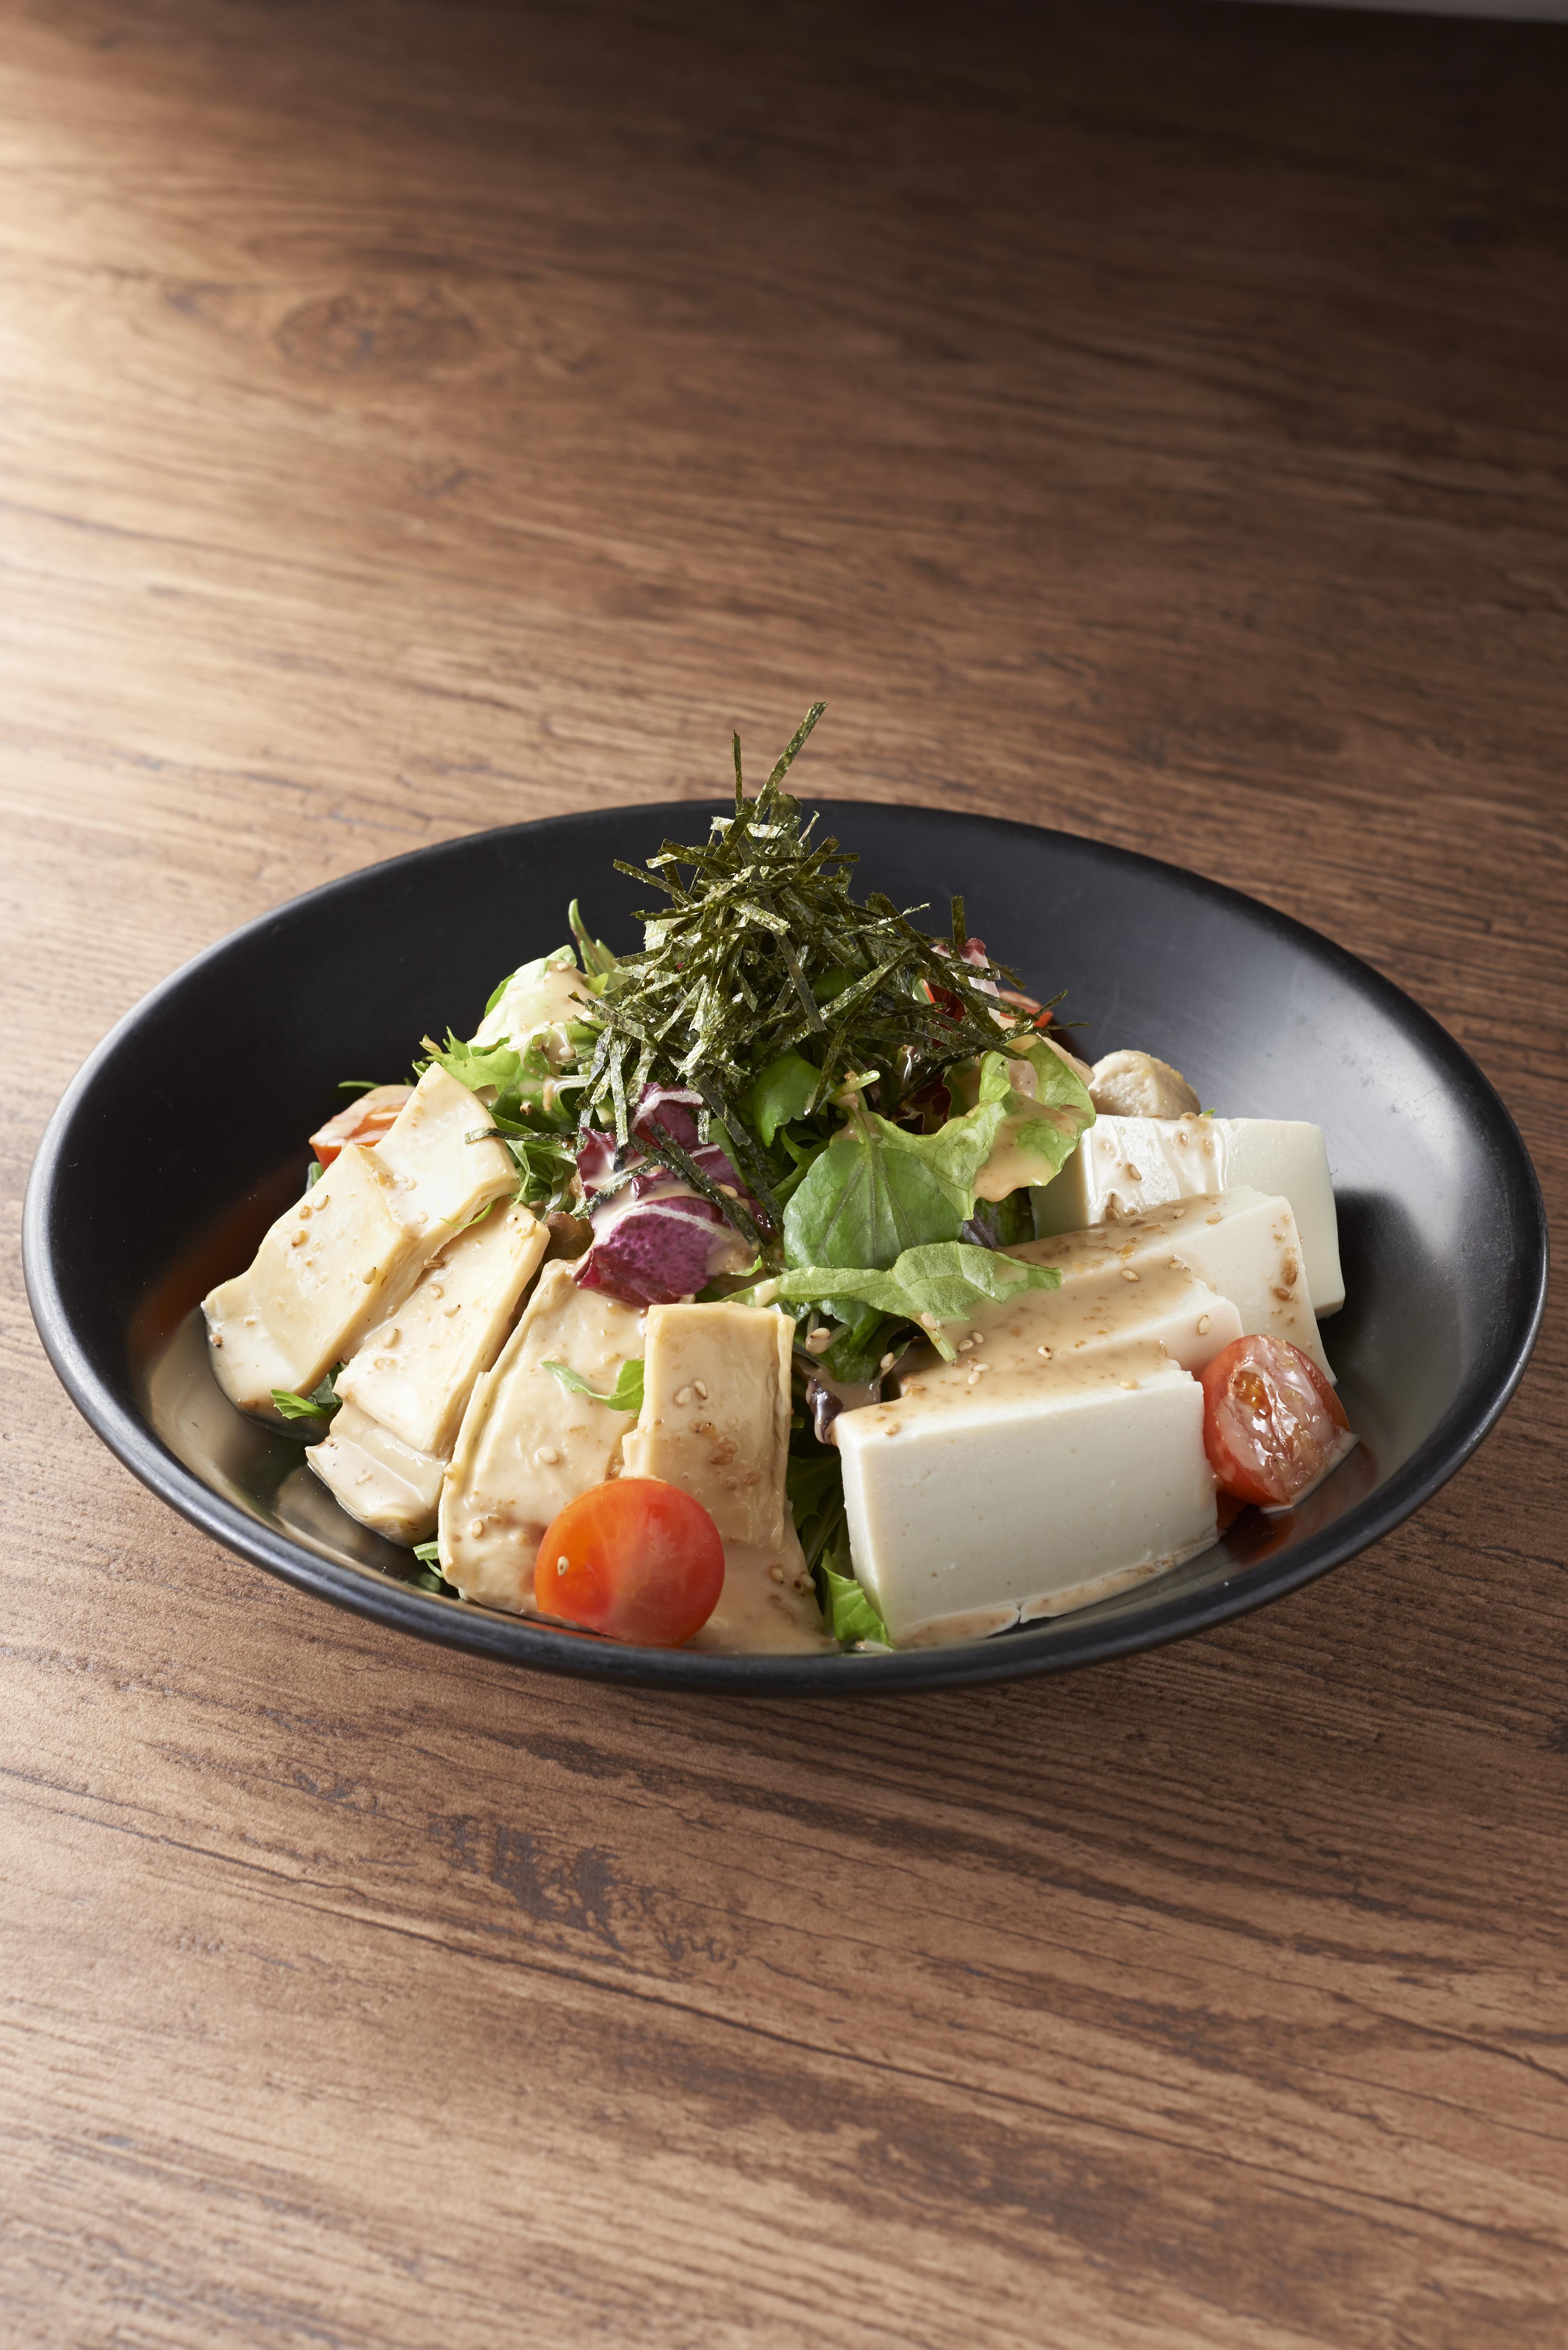 湯葉・豆腐・生麩の胡麻サラダ 950円(+税)